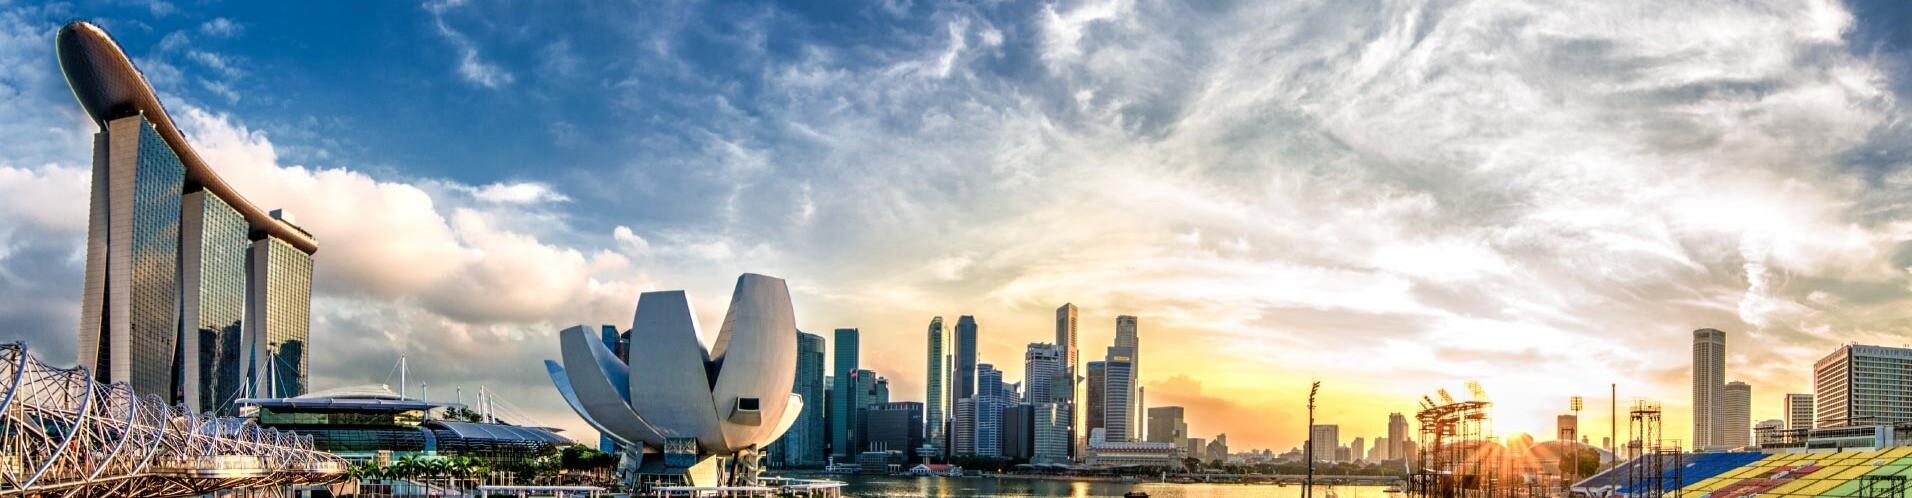 Singapore Crypto FI